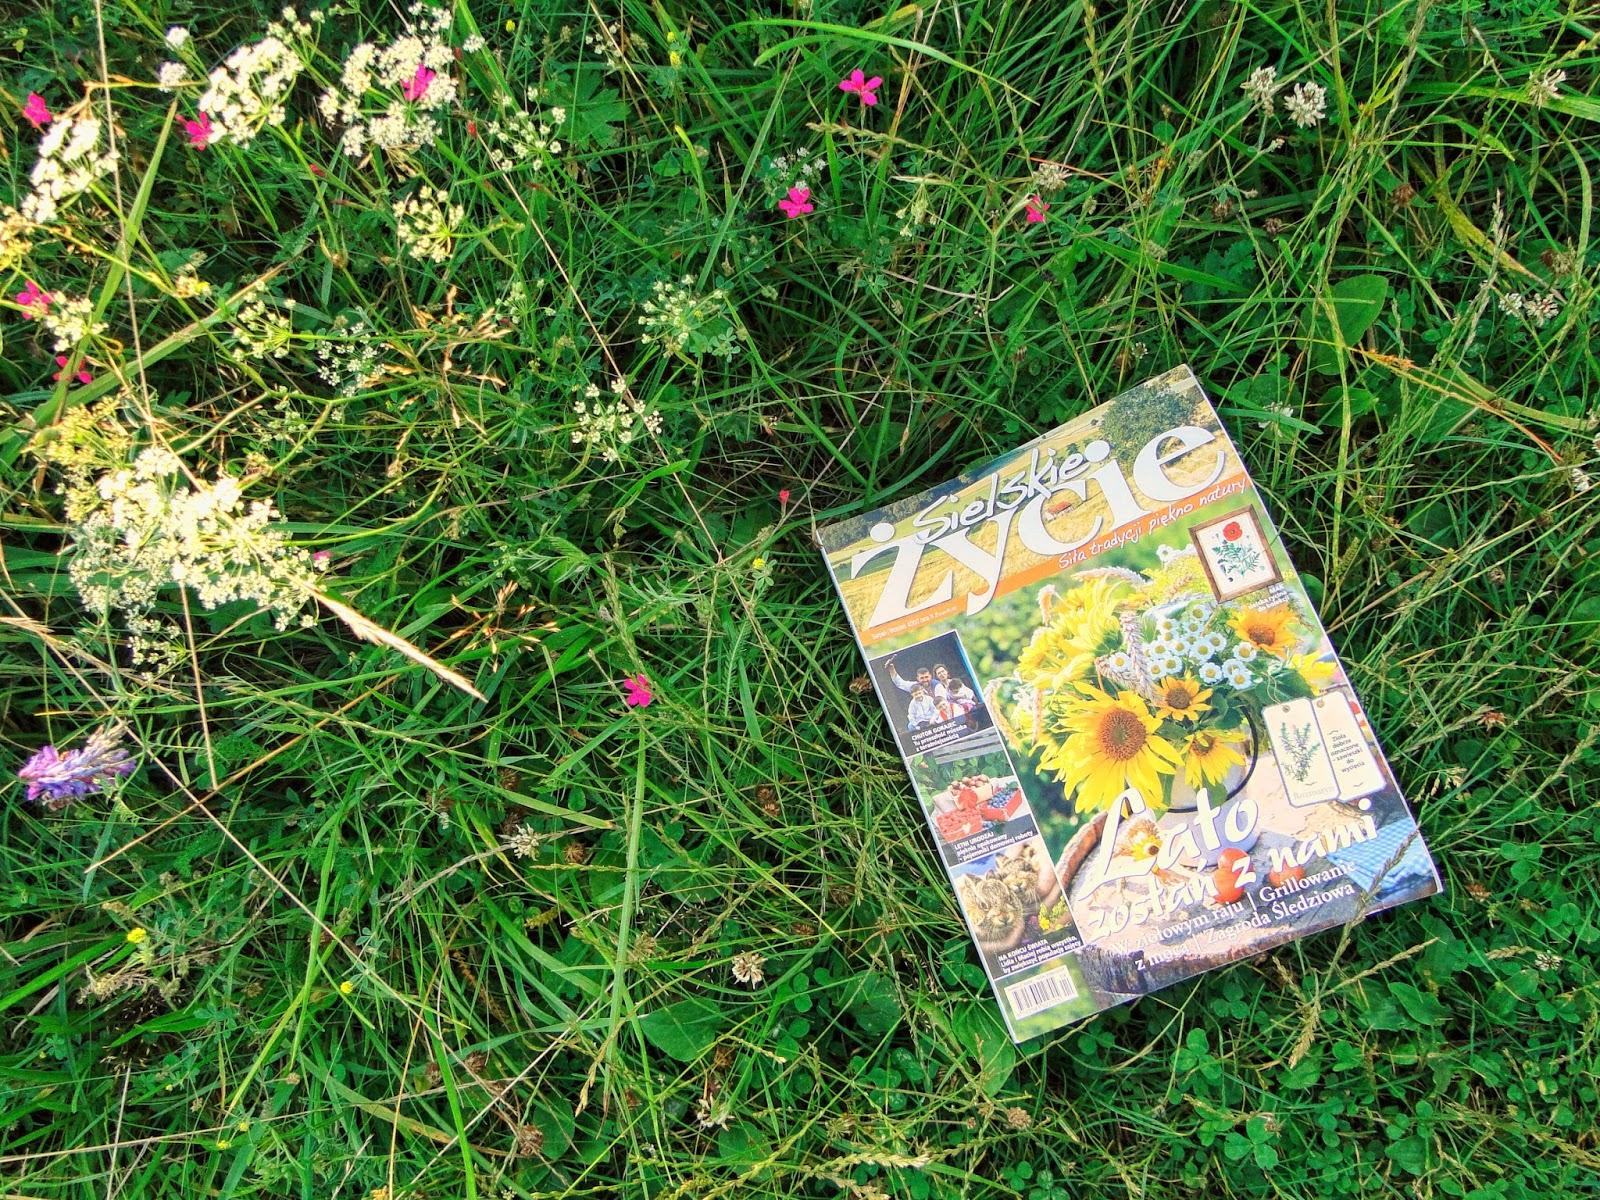 Z Nosem W Książce Sielskie życie Magazyn Sierpień